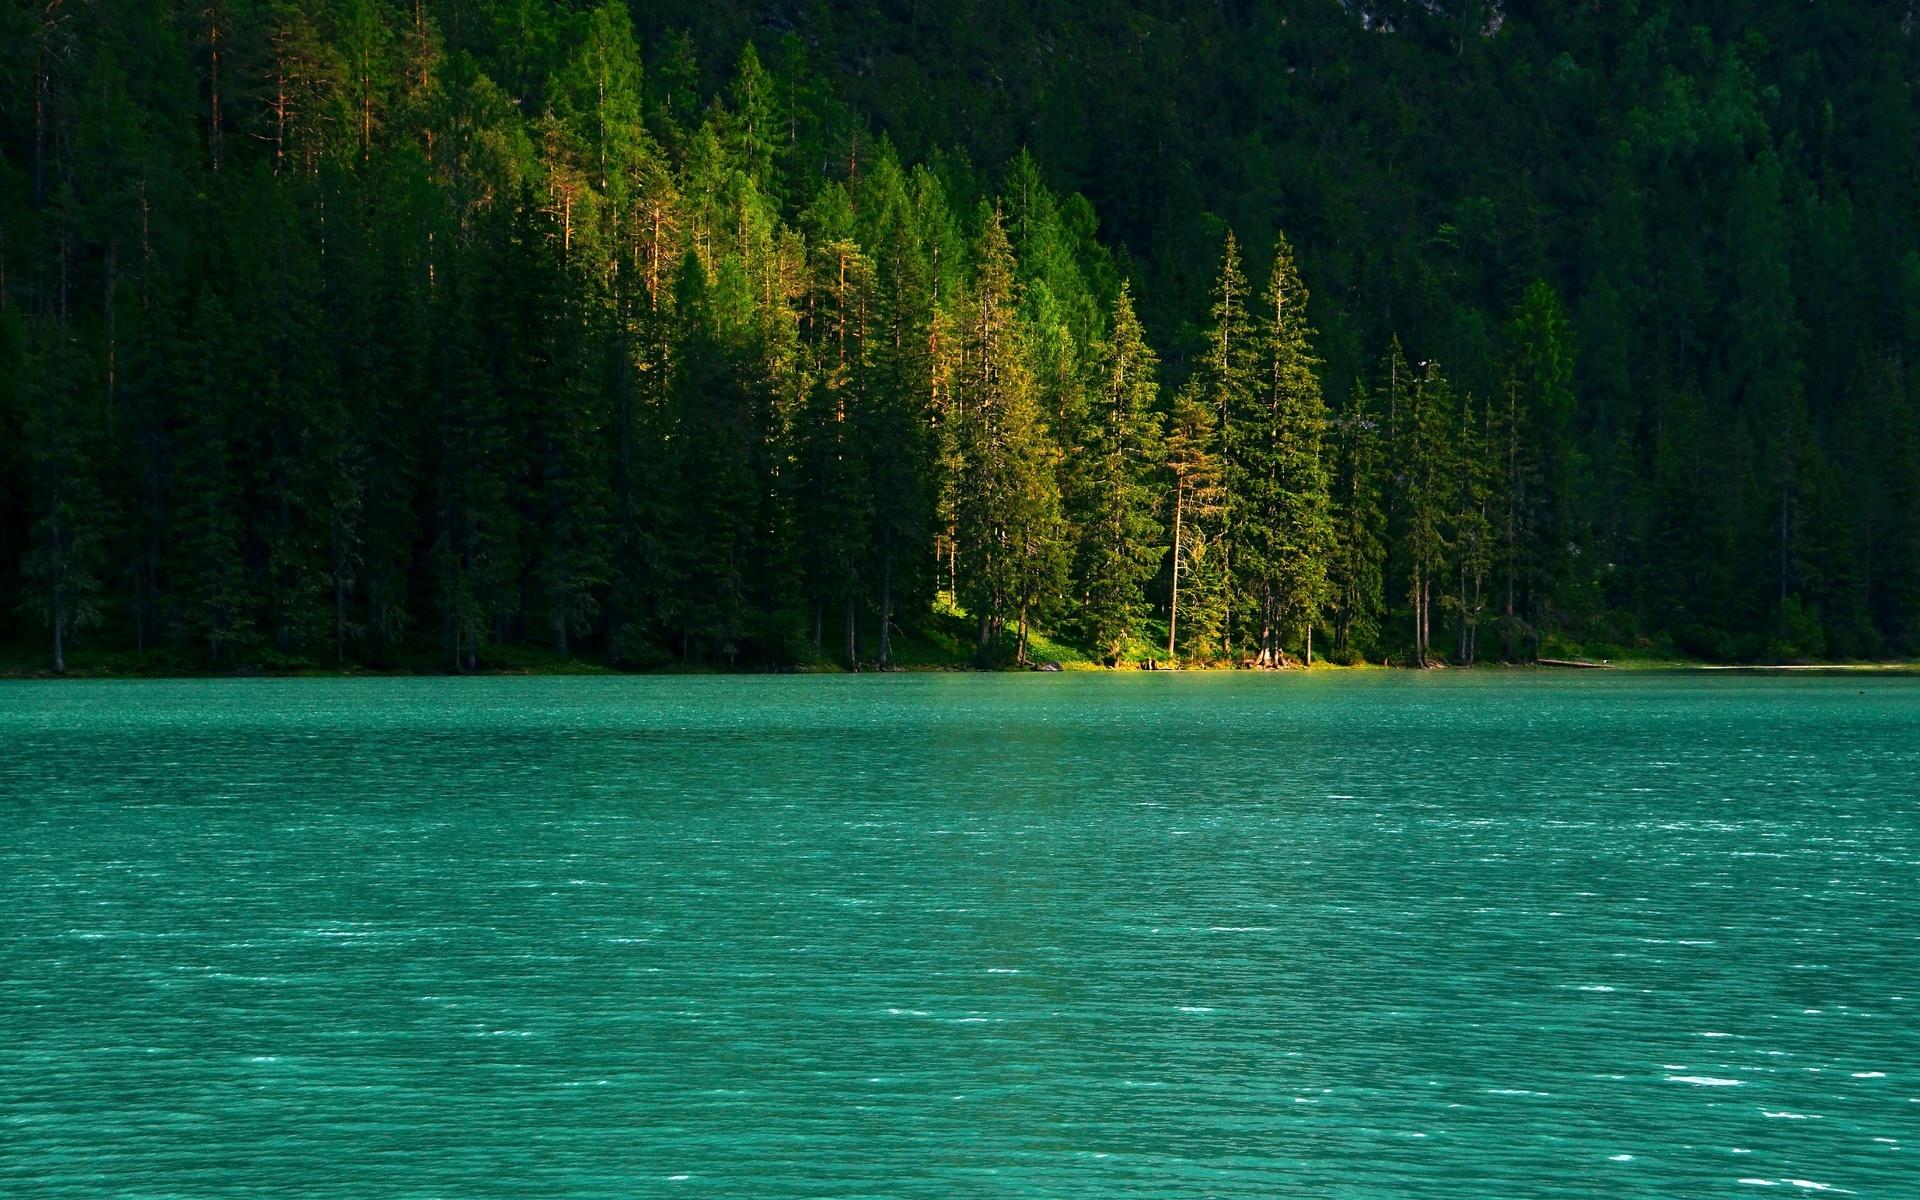 ель, деревья, озеро, вода, блики